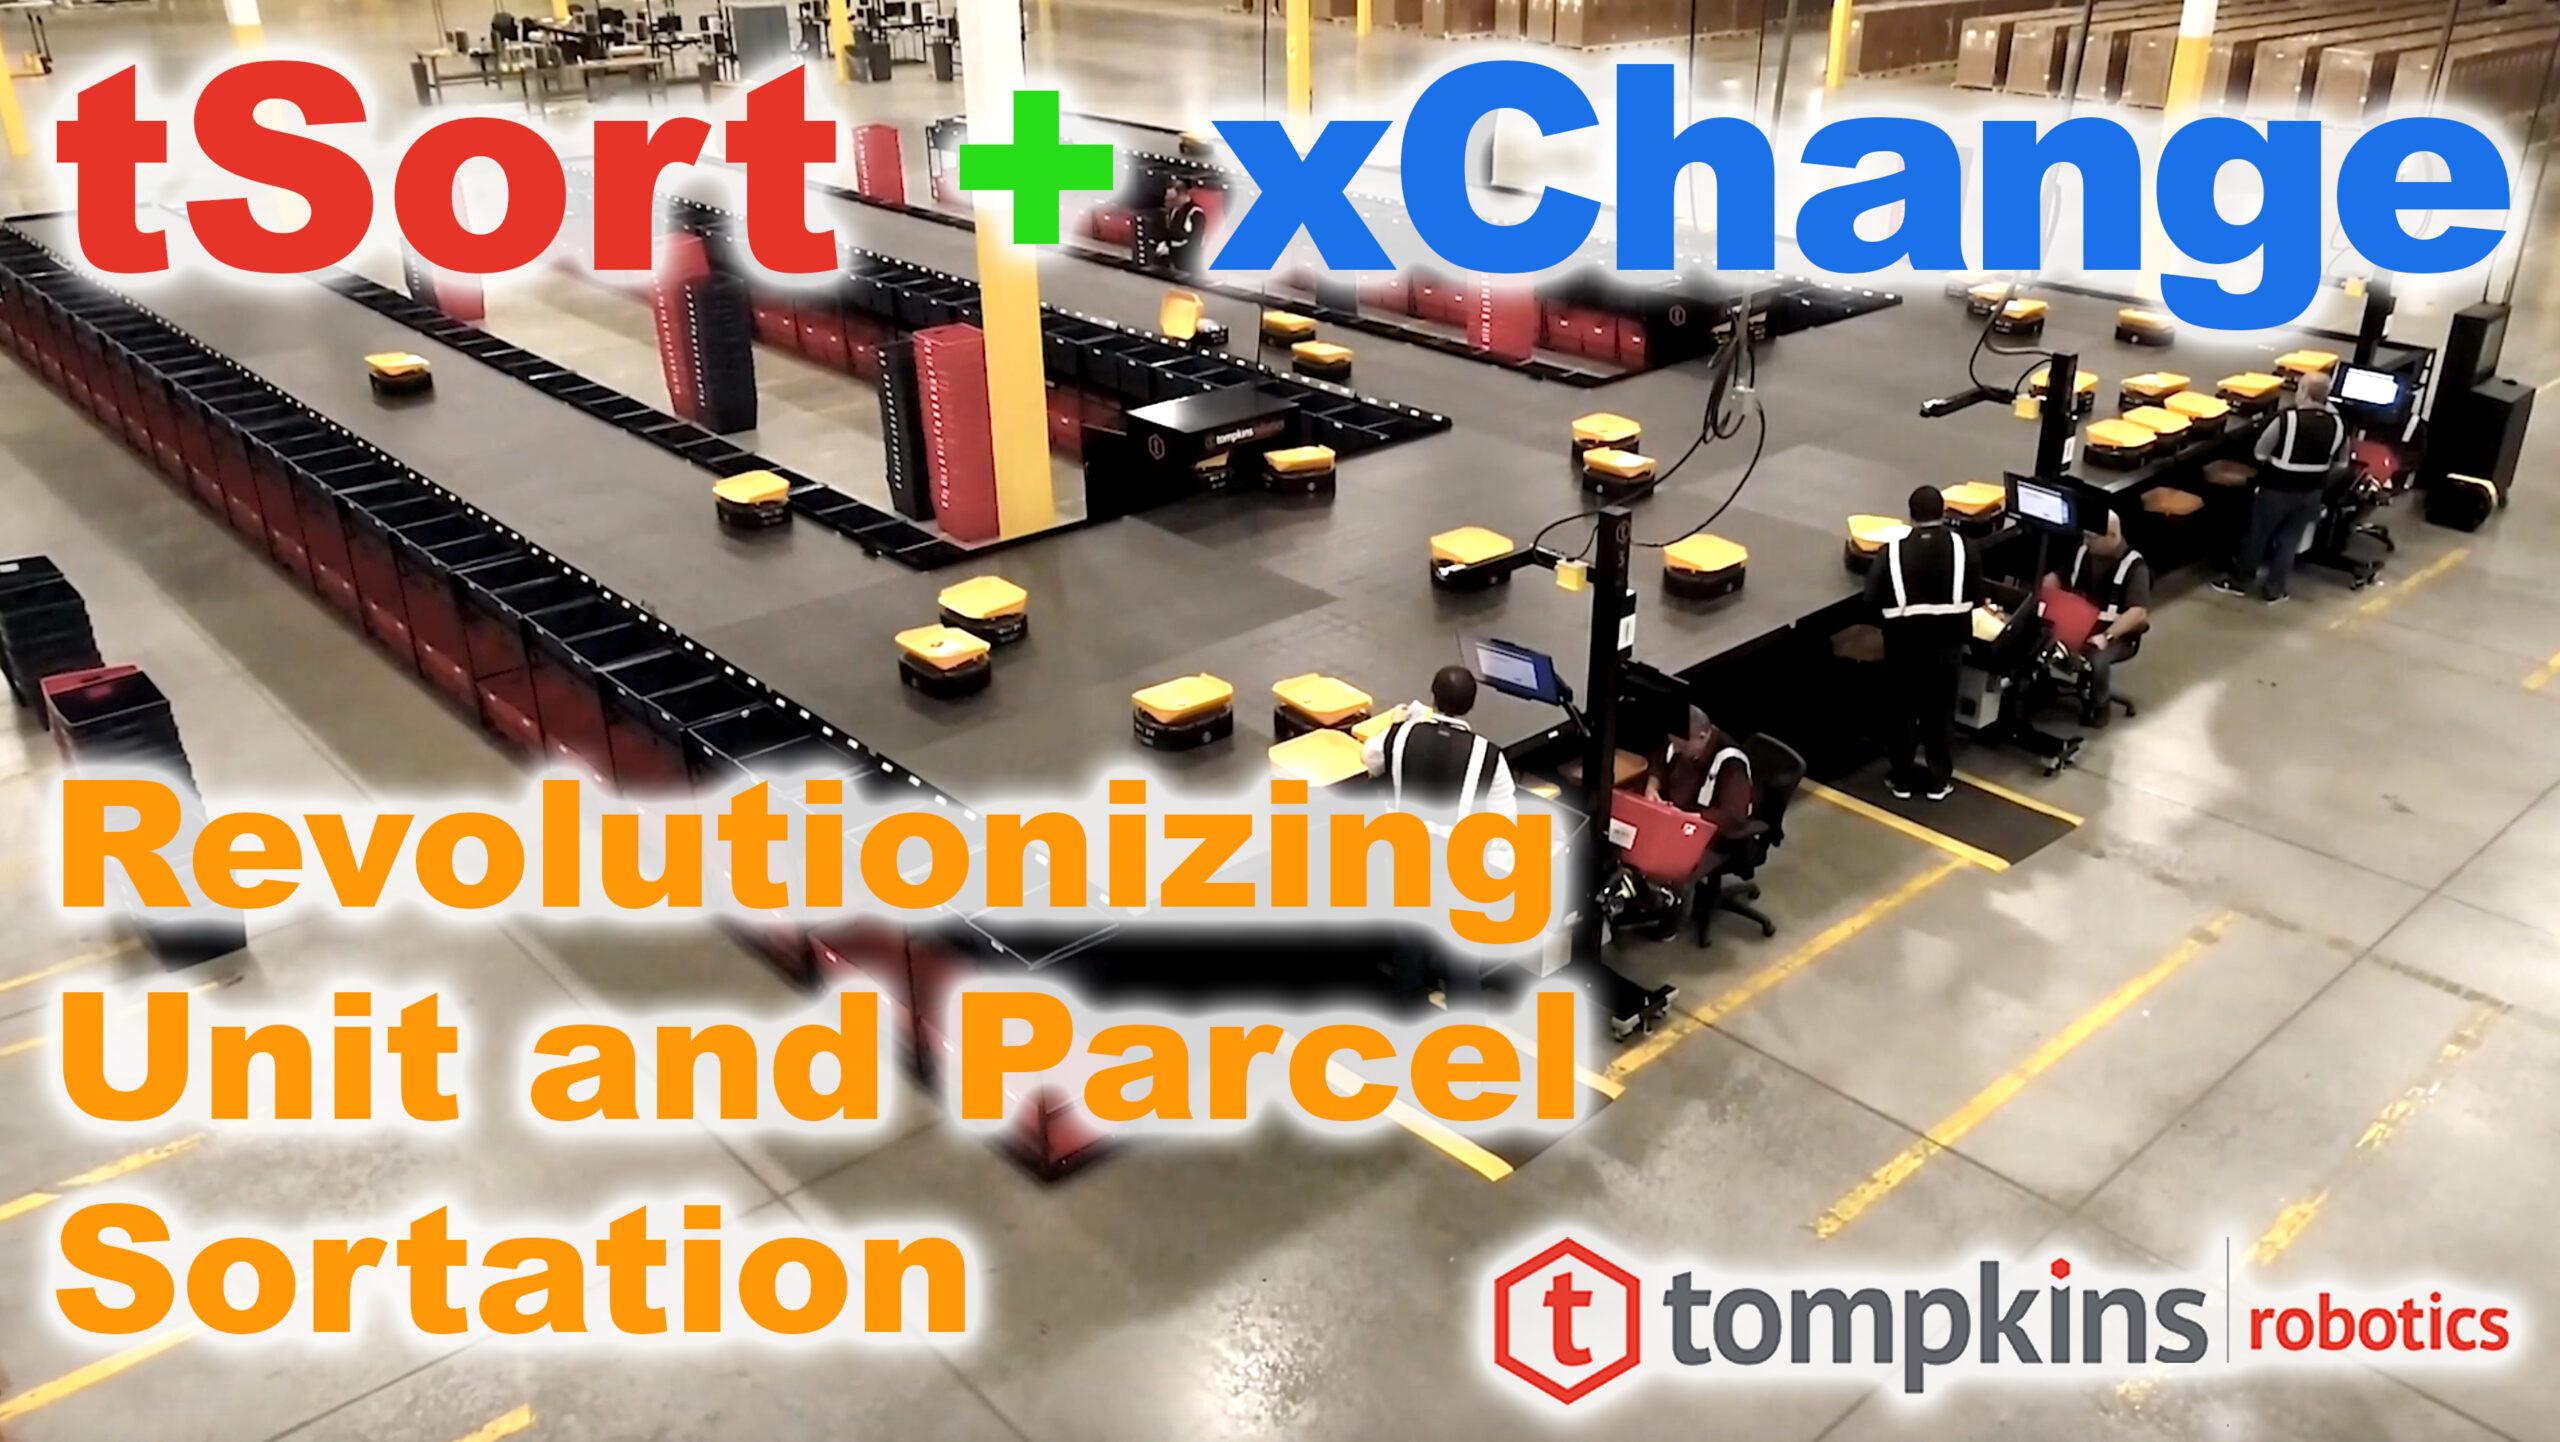 Tompkins Robotics Promat Product Video 1